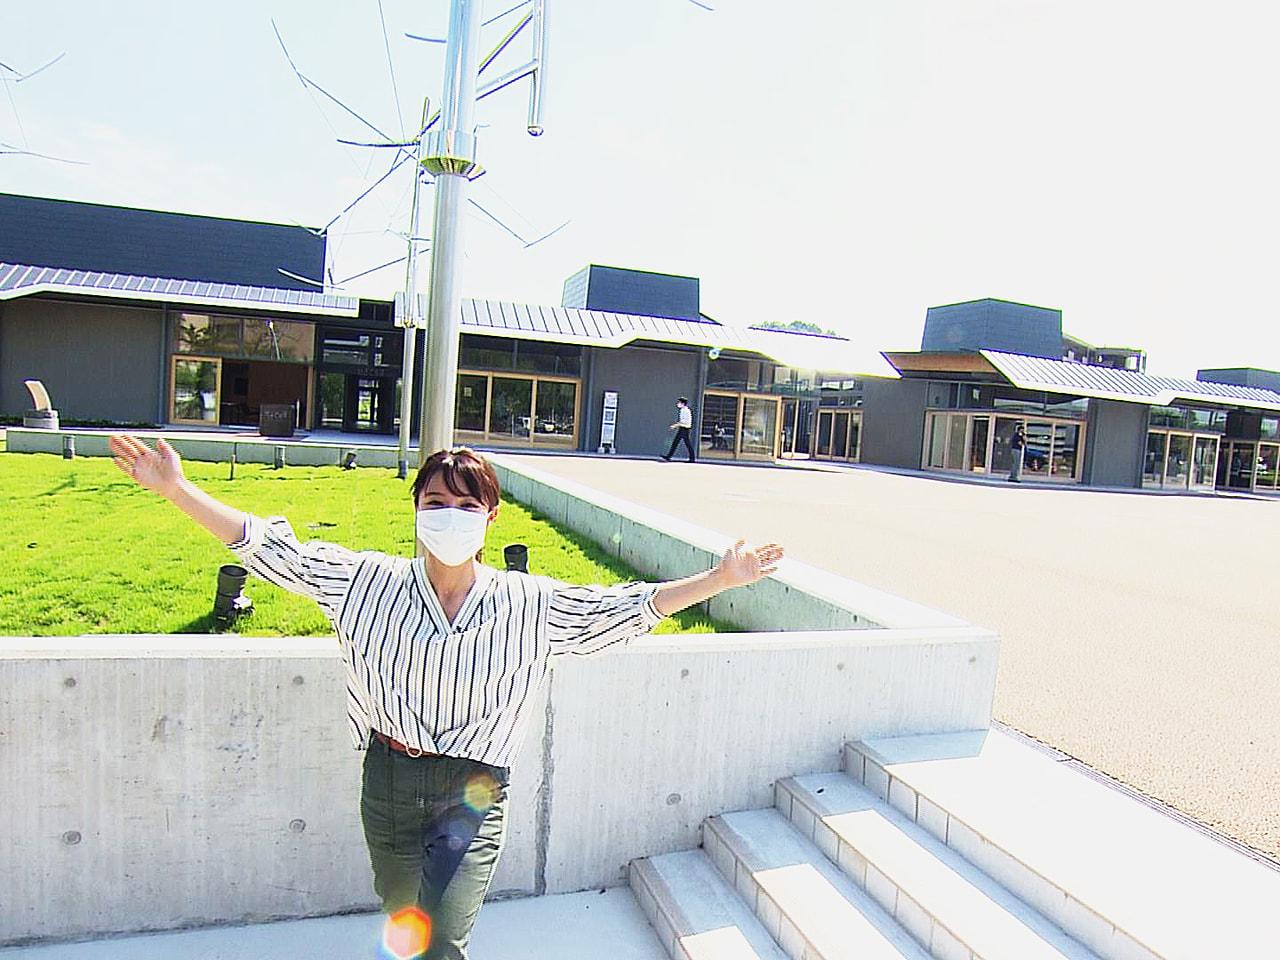 岐阜県関市にことし3月にオープンした新たな観光拠点「せきてらす」は、地場産業であ...